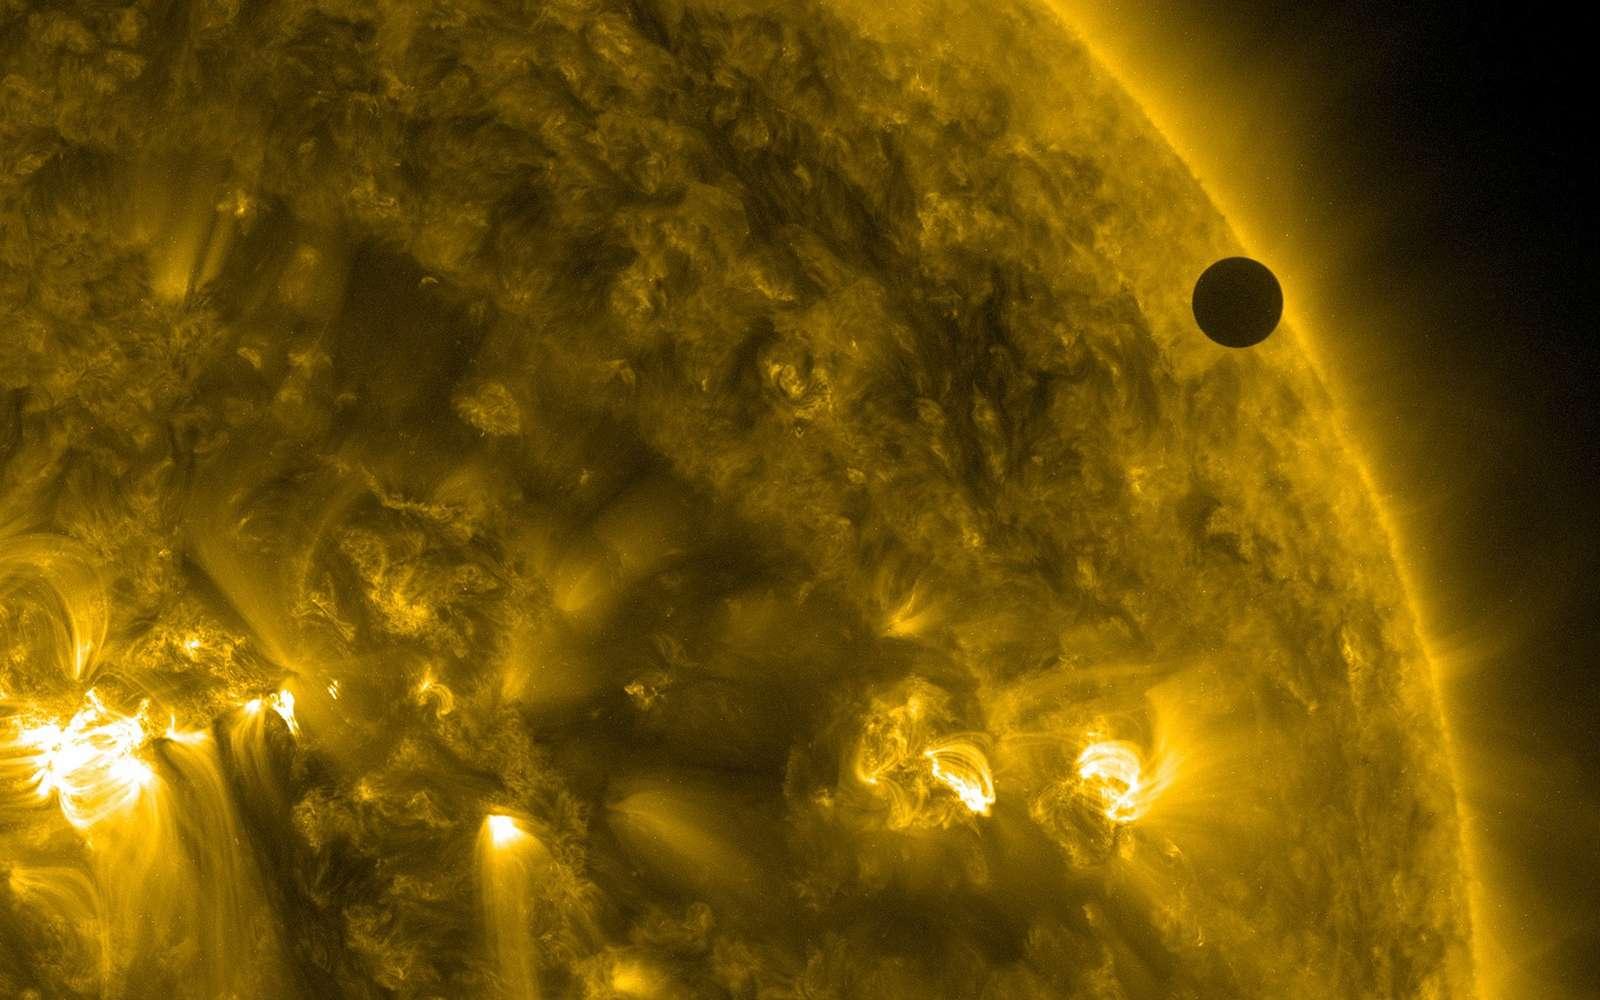 Vénus, ici de passage devant le Soleil, présente une période de rotation synodique (117 jours) largement inférieure à sa période de rotation sidérale (243 jours). © Nasa Goddard Space Flight Center, Flickr, CC by 2.0